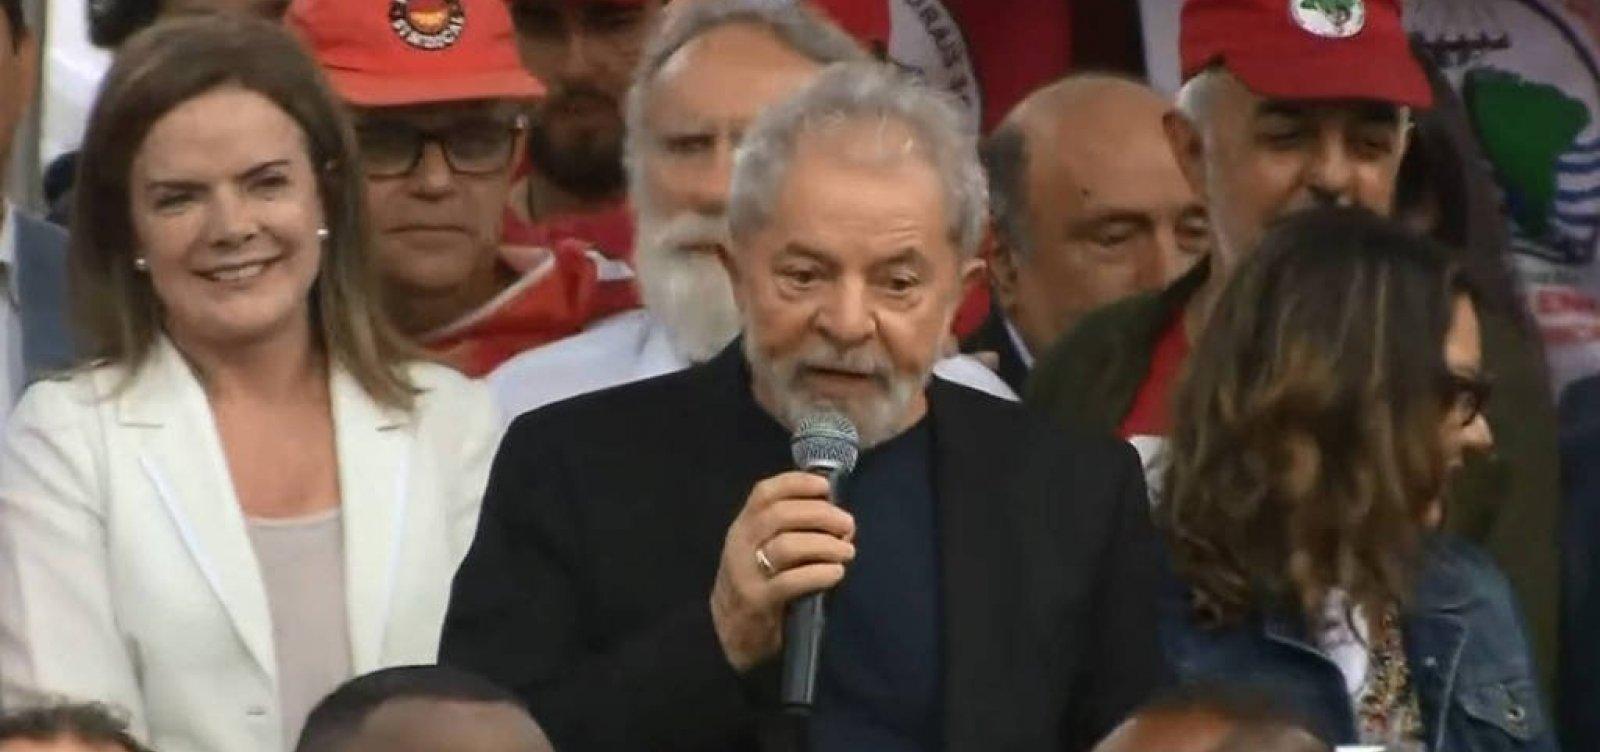 [Após deixar prisão, Lula ataca PF, Moro, Judiciário e chama Bolsonaro de mentiroso]